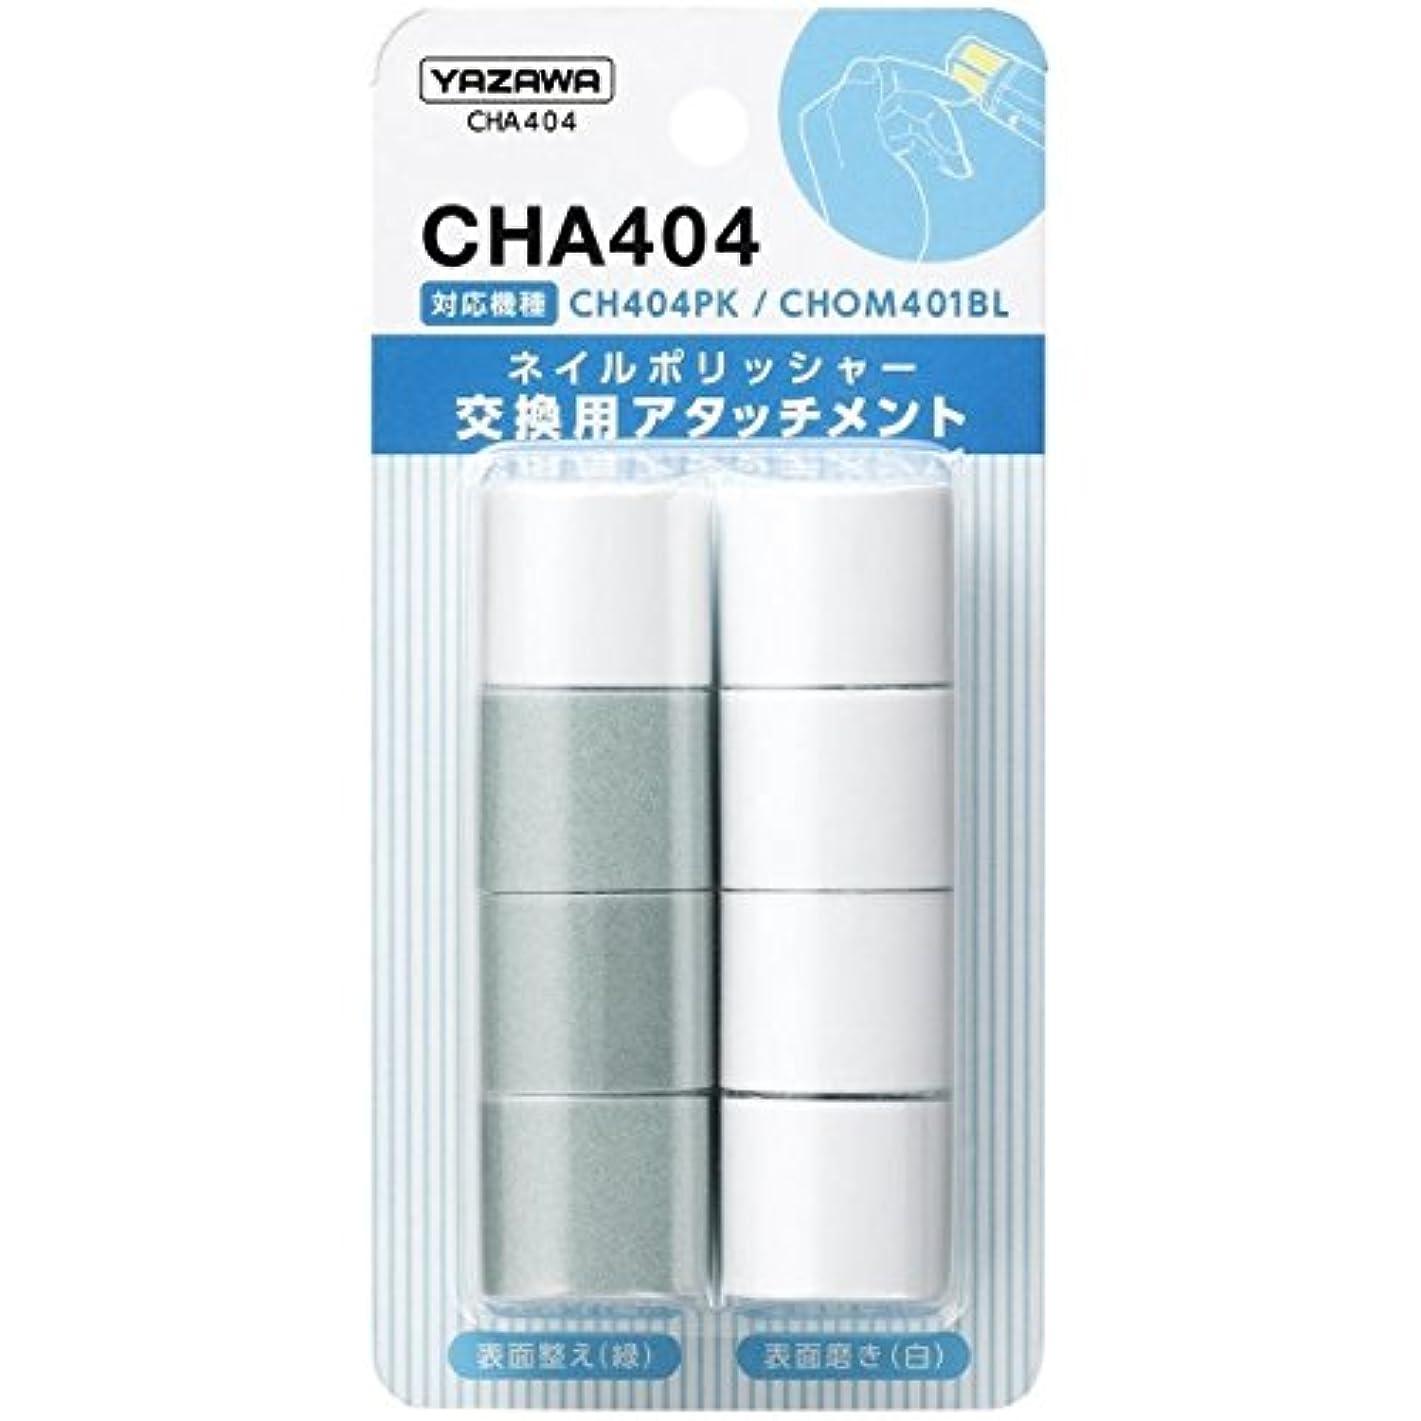 スペードよく話される読者YAZAWA(ヤザワコーポレーション) ネイルポリッシャー交換用アタッチメント CHA404